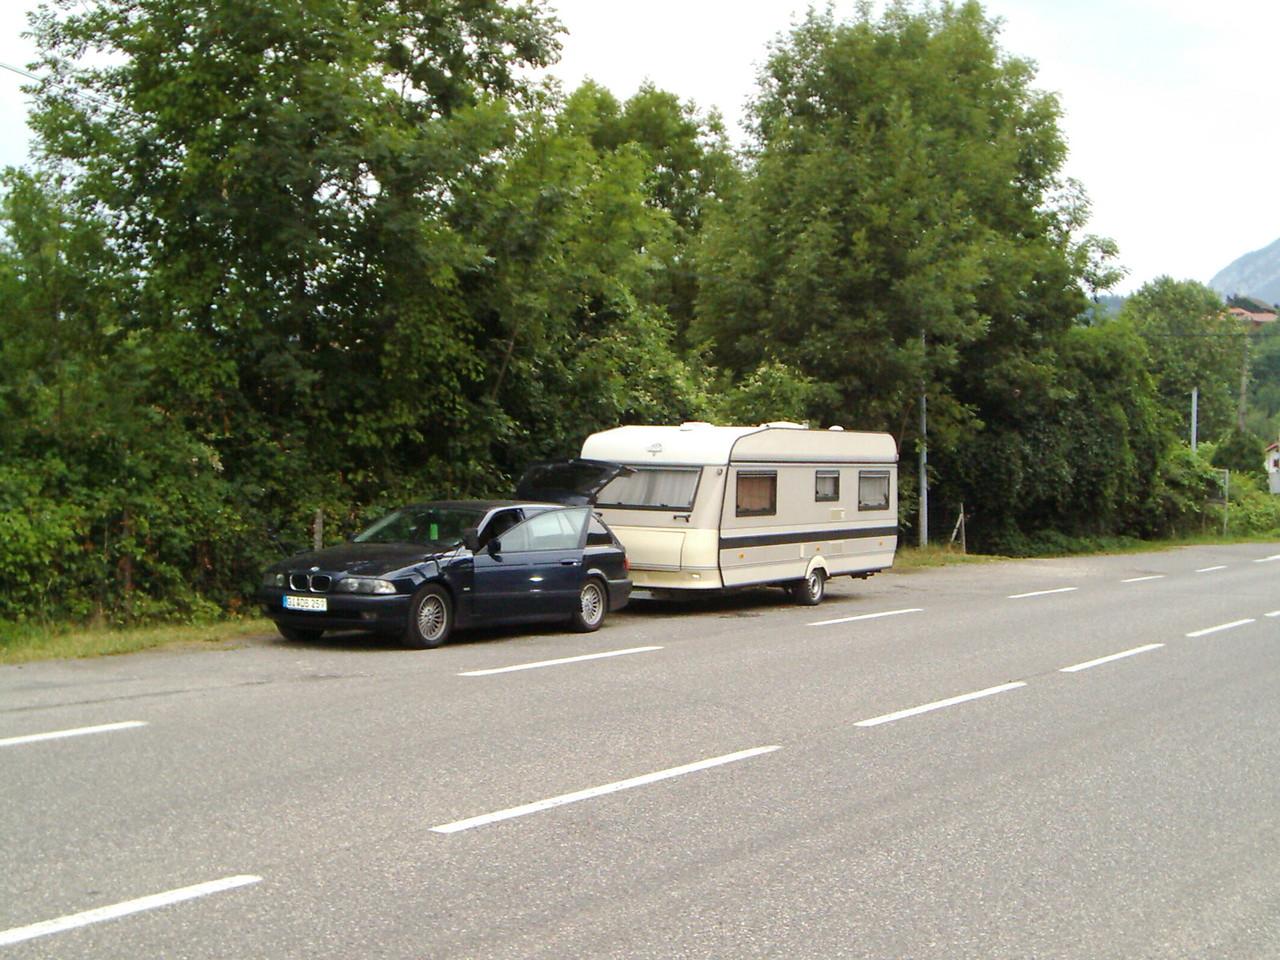 Die erste Nacht mussten wir auf einem Seitenstreifen vor einem vollen Campingplatz schlafen. Es war einfach alles überfüllt in und um Annecy, wegen der Tour de France.